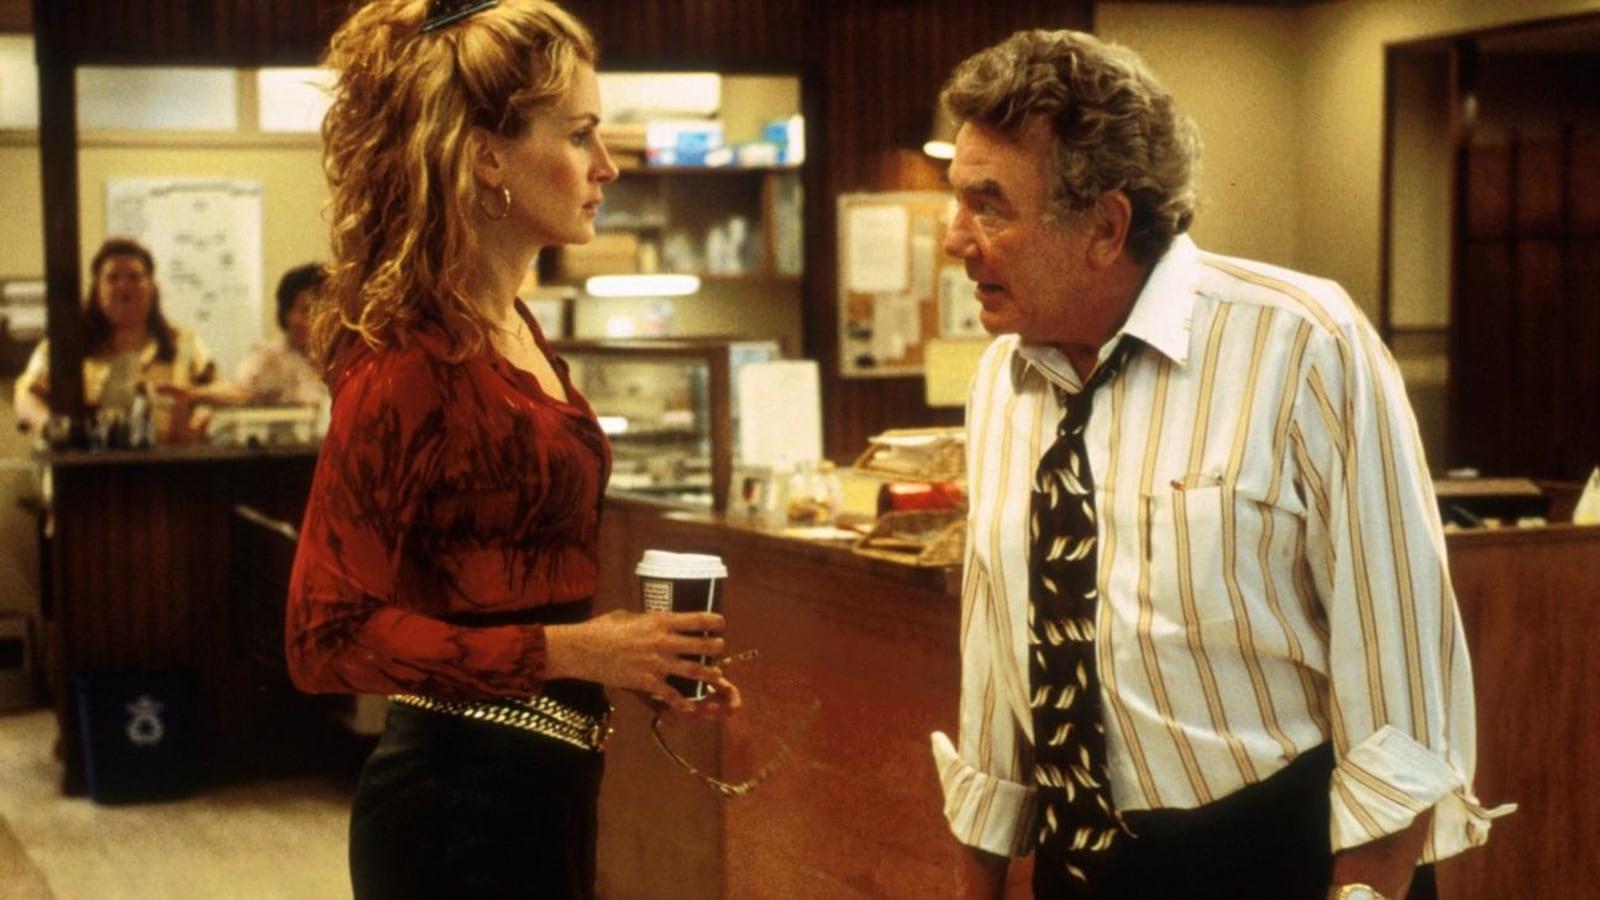 Une femme, un café à la main, discute avec un homme en chemise et cravate dans un bureau